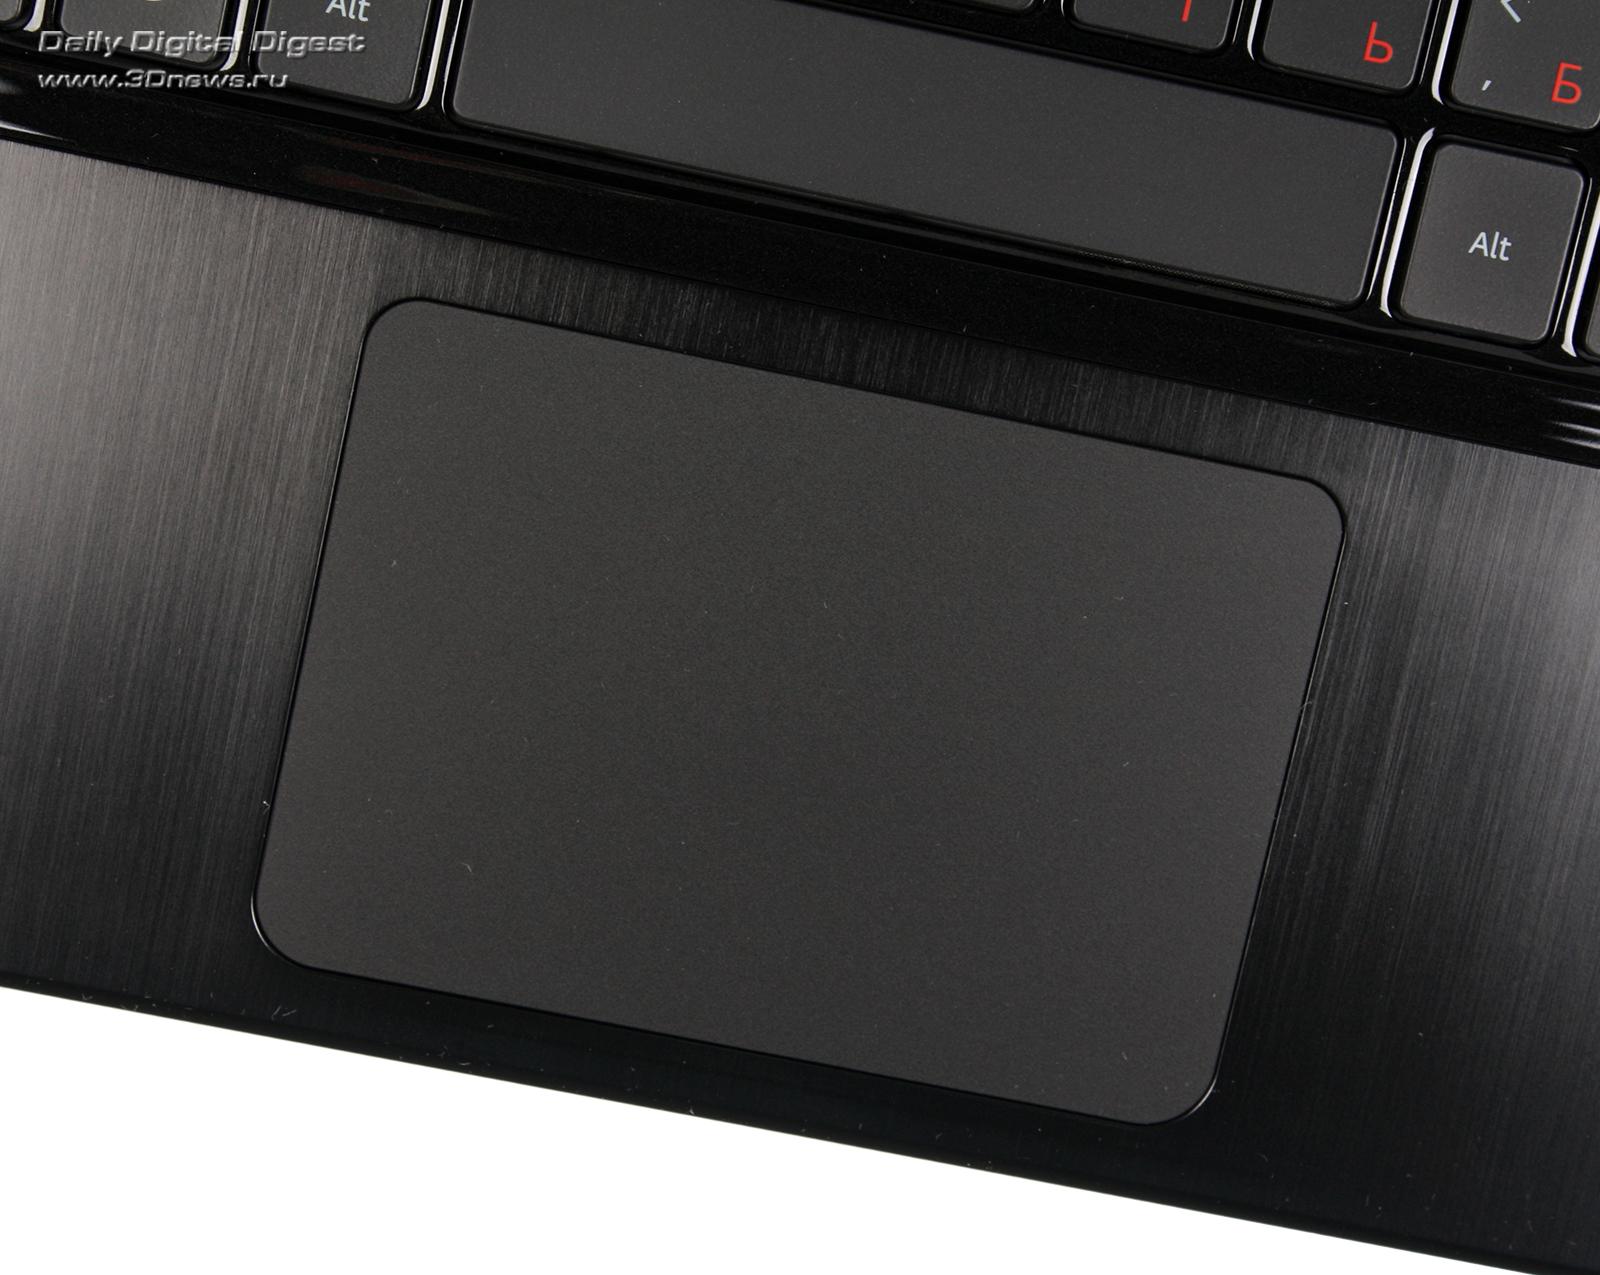 Драйвер для Кнопки Fn Samsung